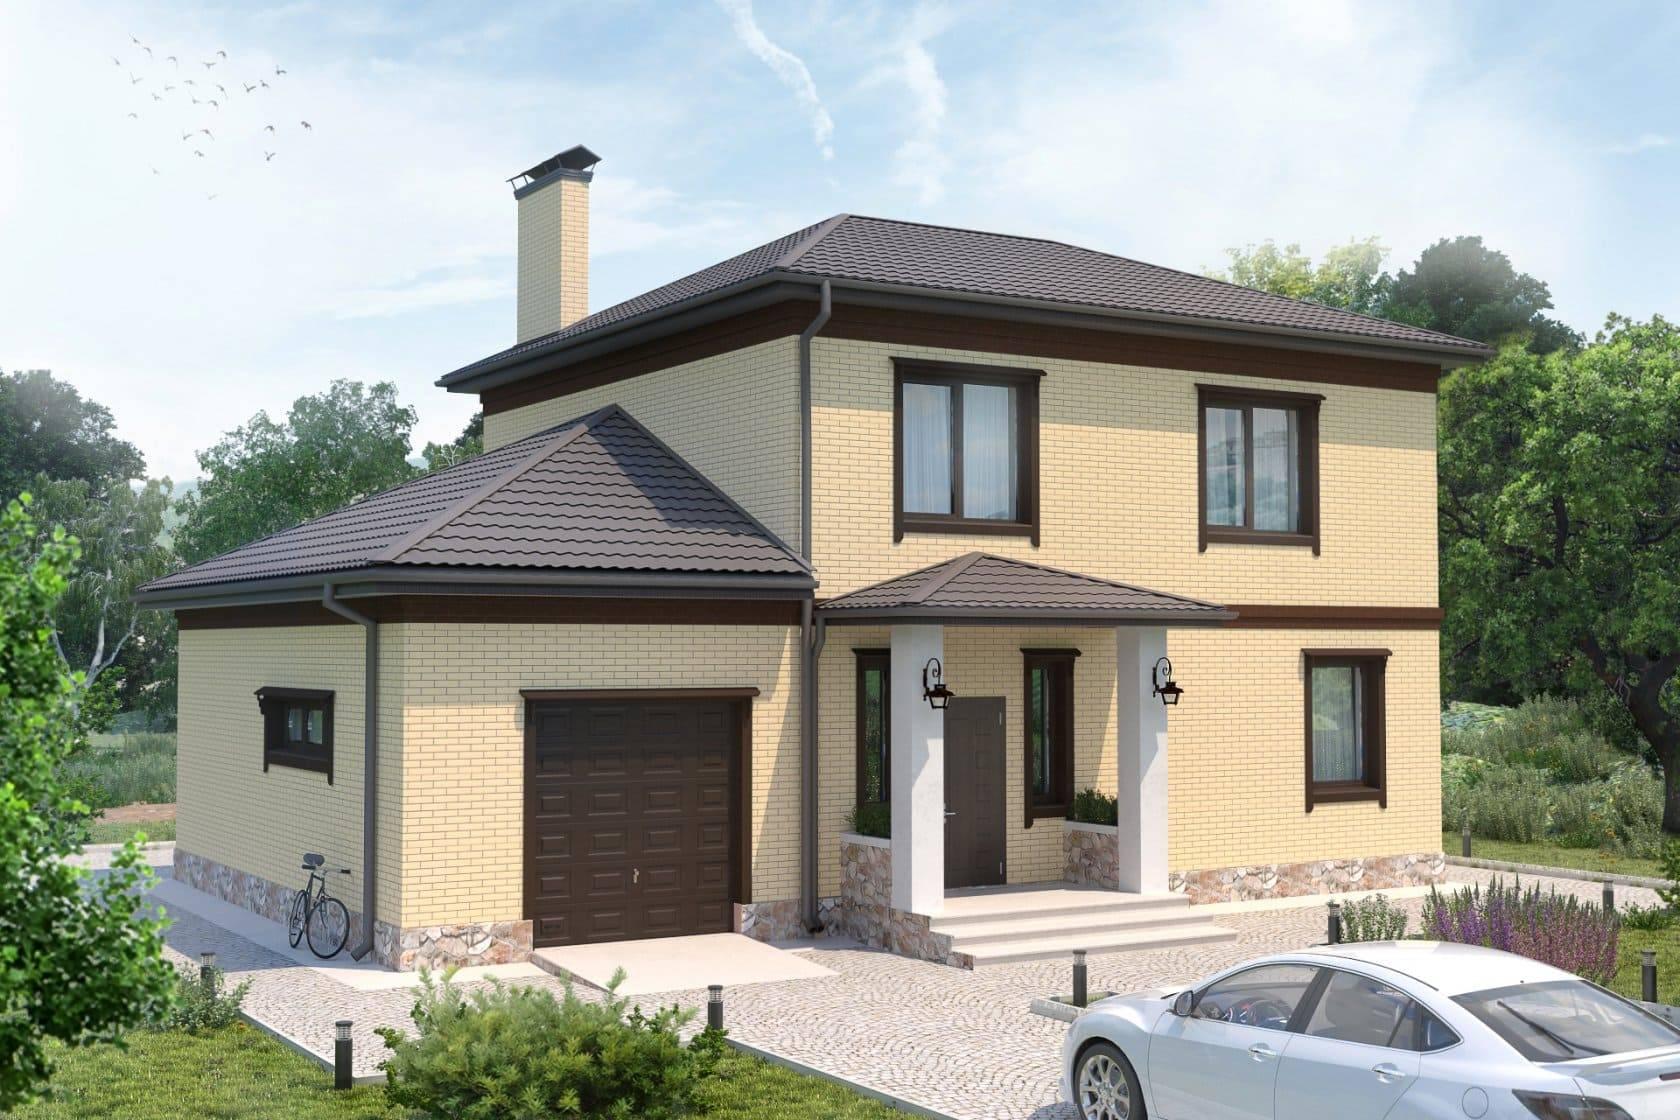 Одноэтажный или двухэтажный дом: плюсы и минусы проживания, какой дешевле